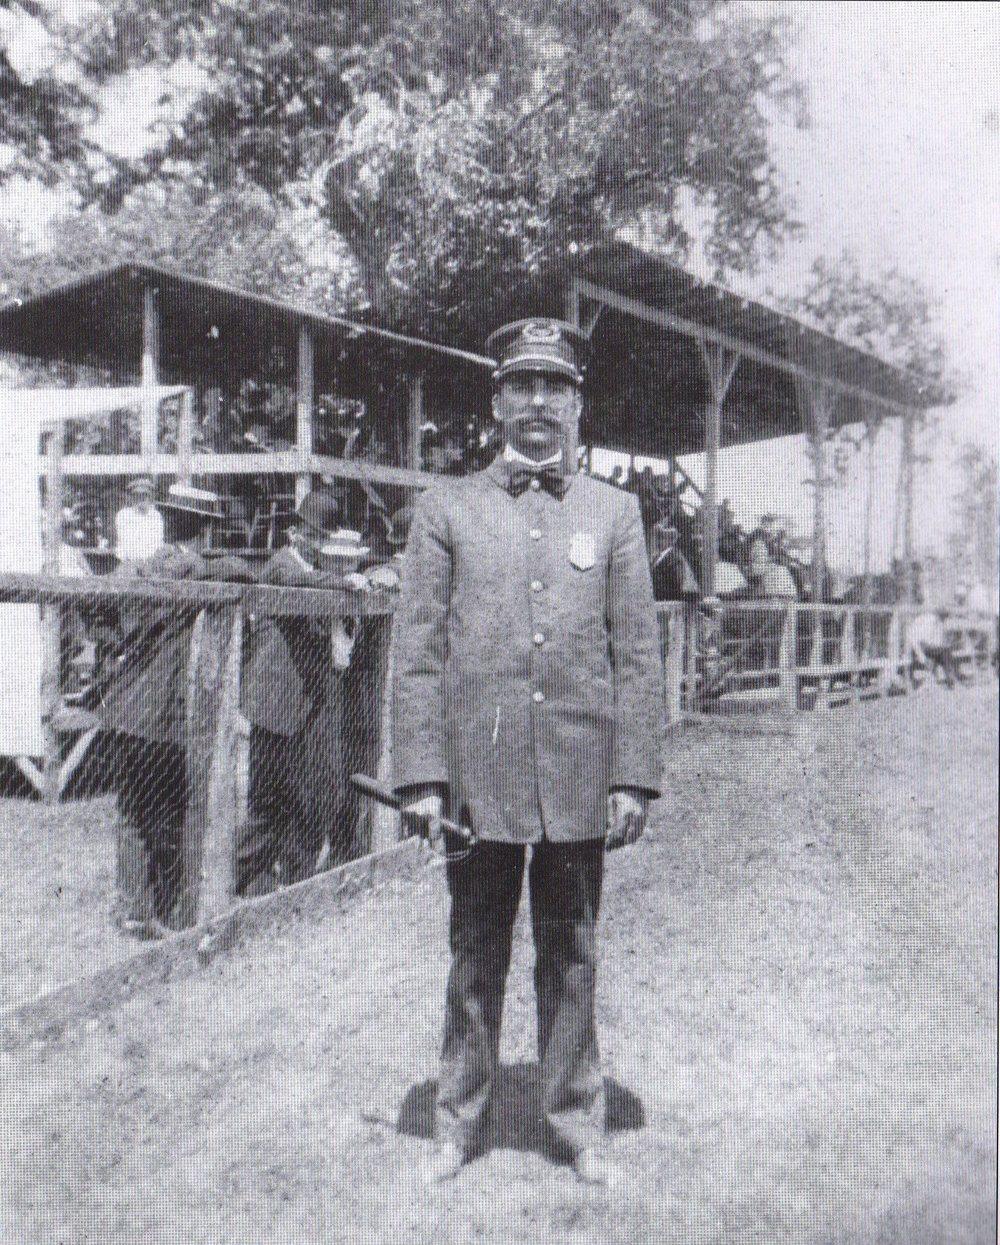 Chief Peak on N. Main St.- 1910